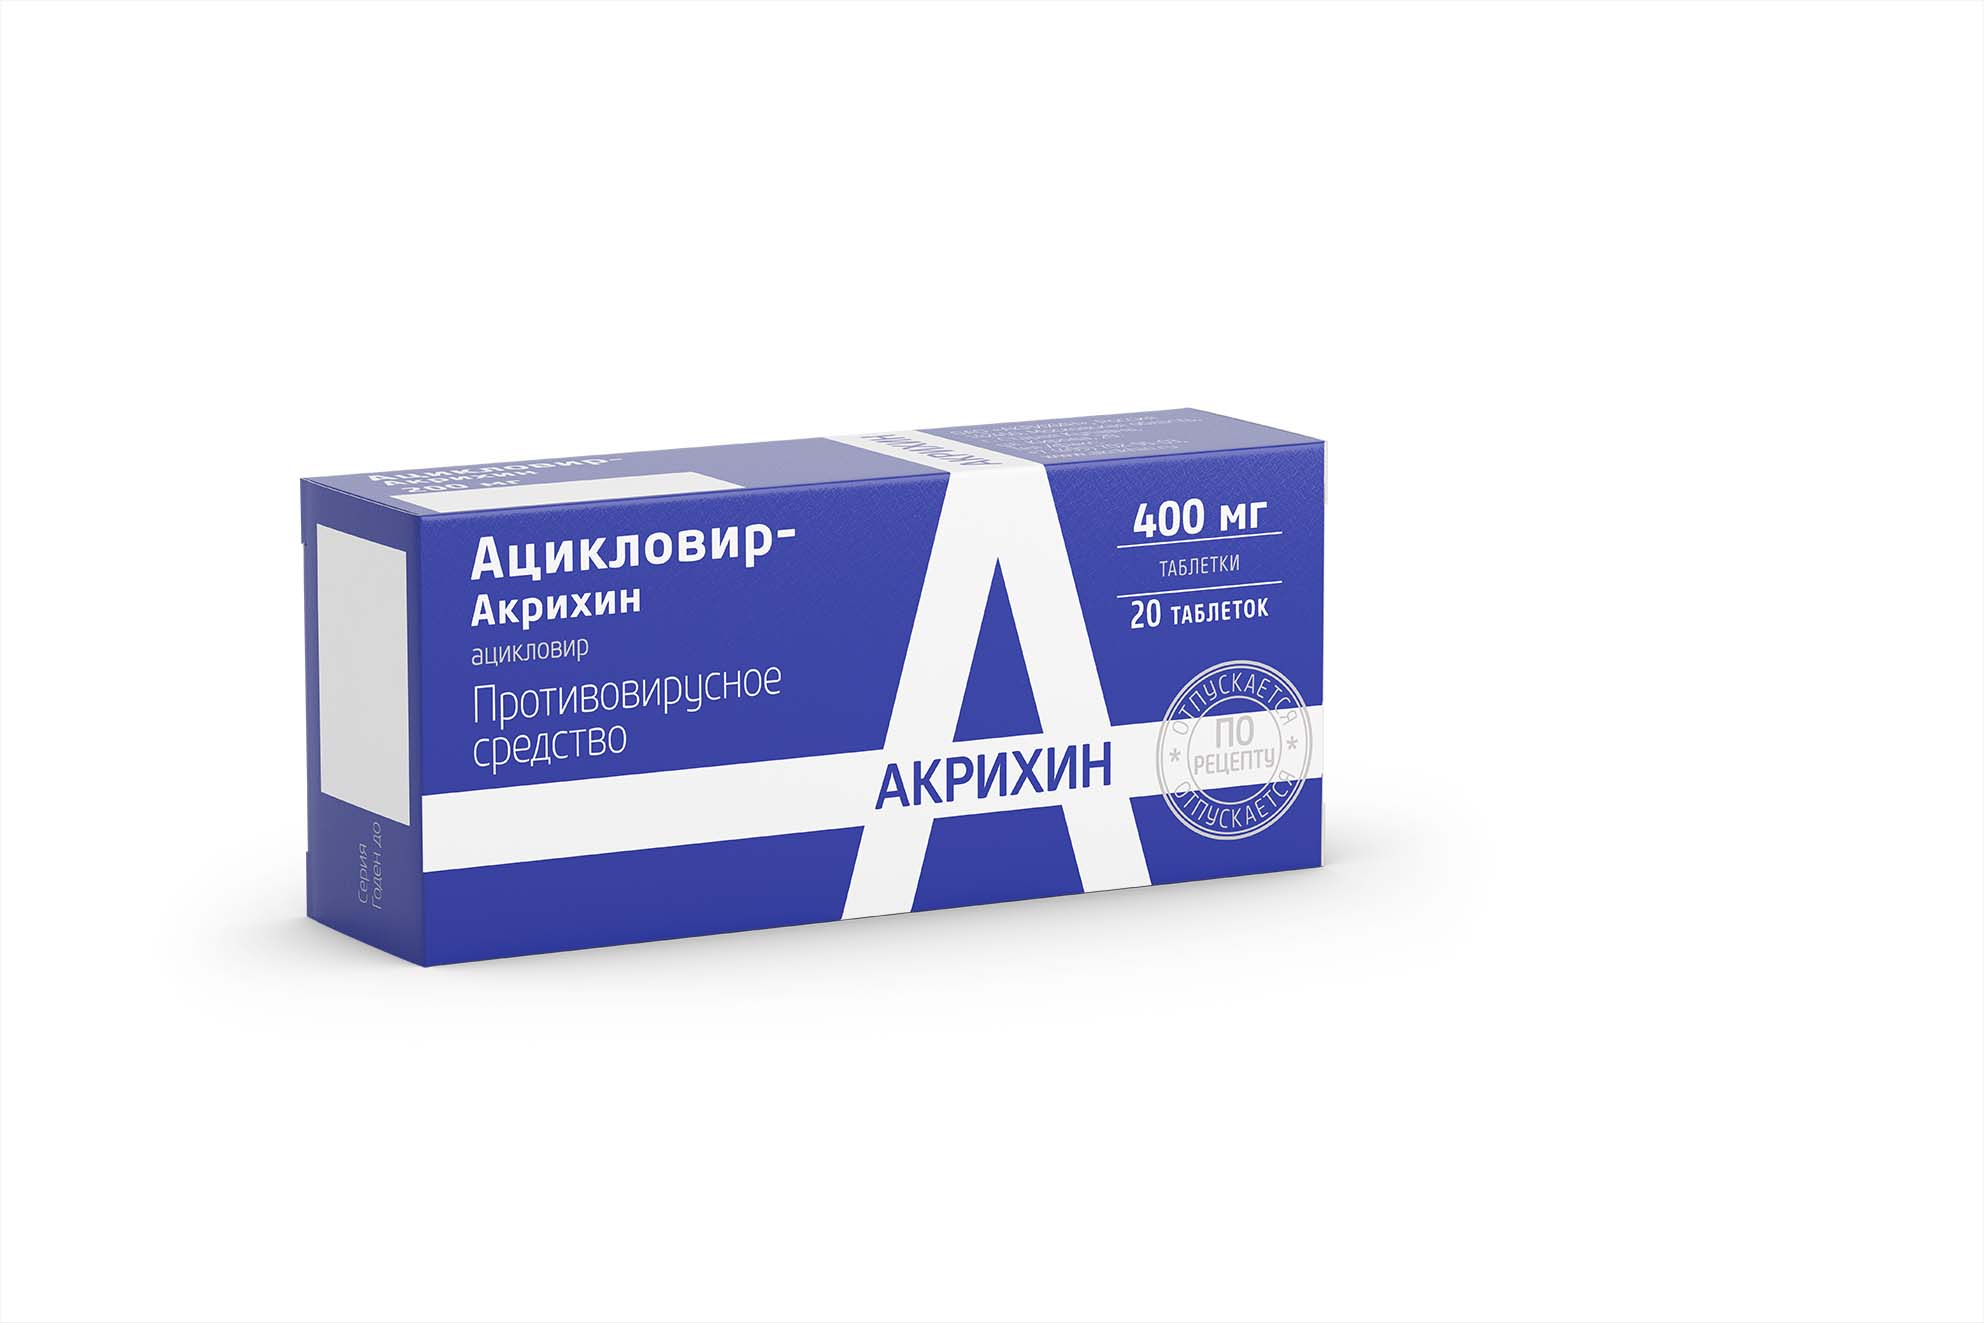 Ацикловир-акрихин таб. 400мг n20